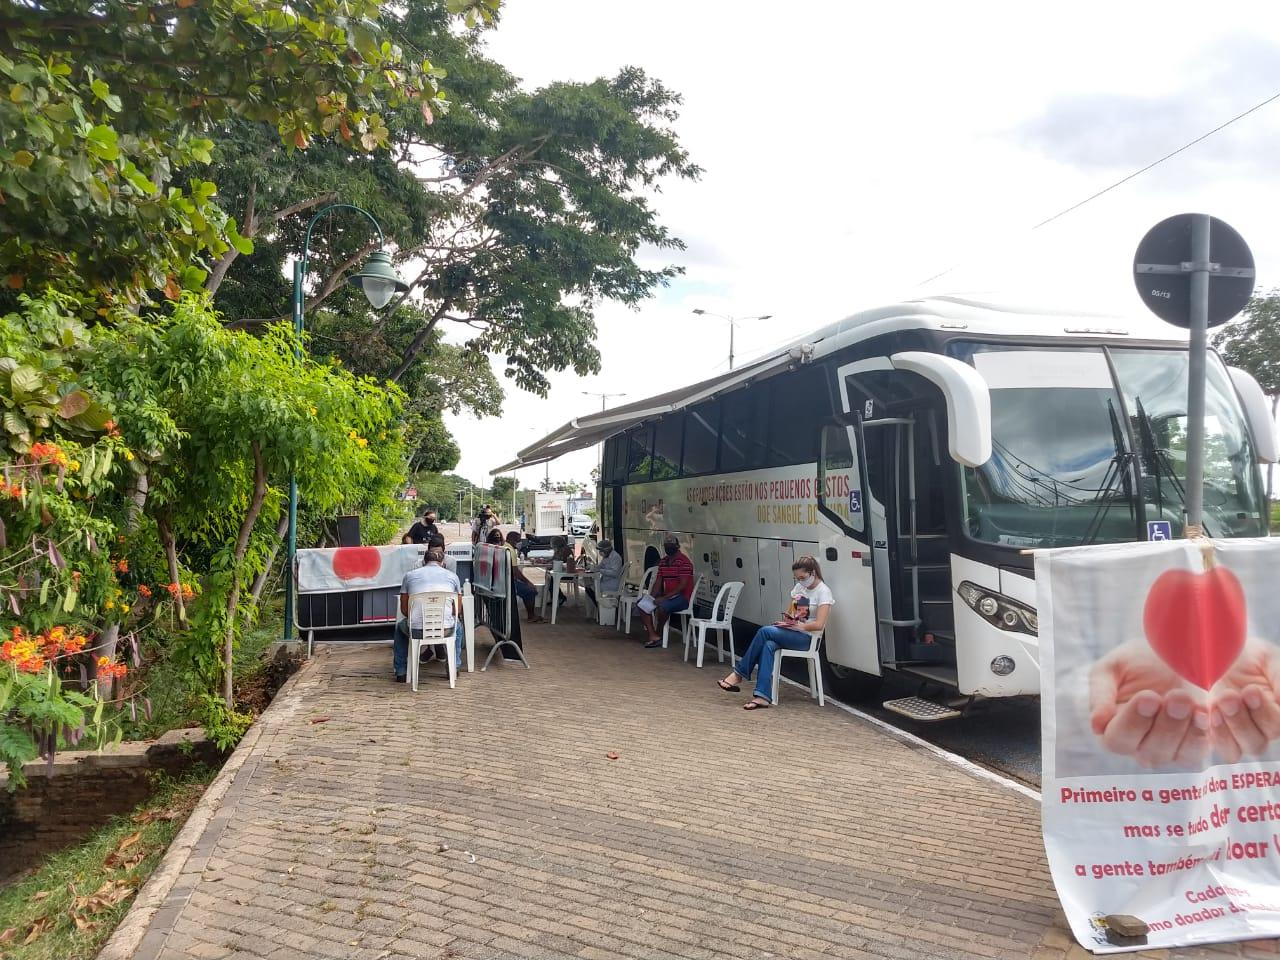 Campanha pela doação de sangue na Ponte Estaiada termina nesta sexta  - Imagem 1